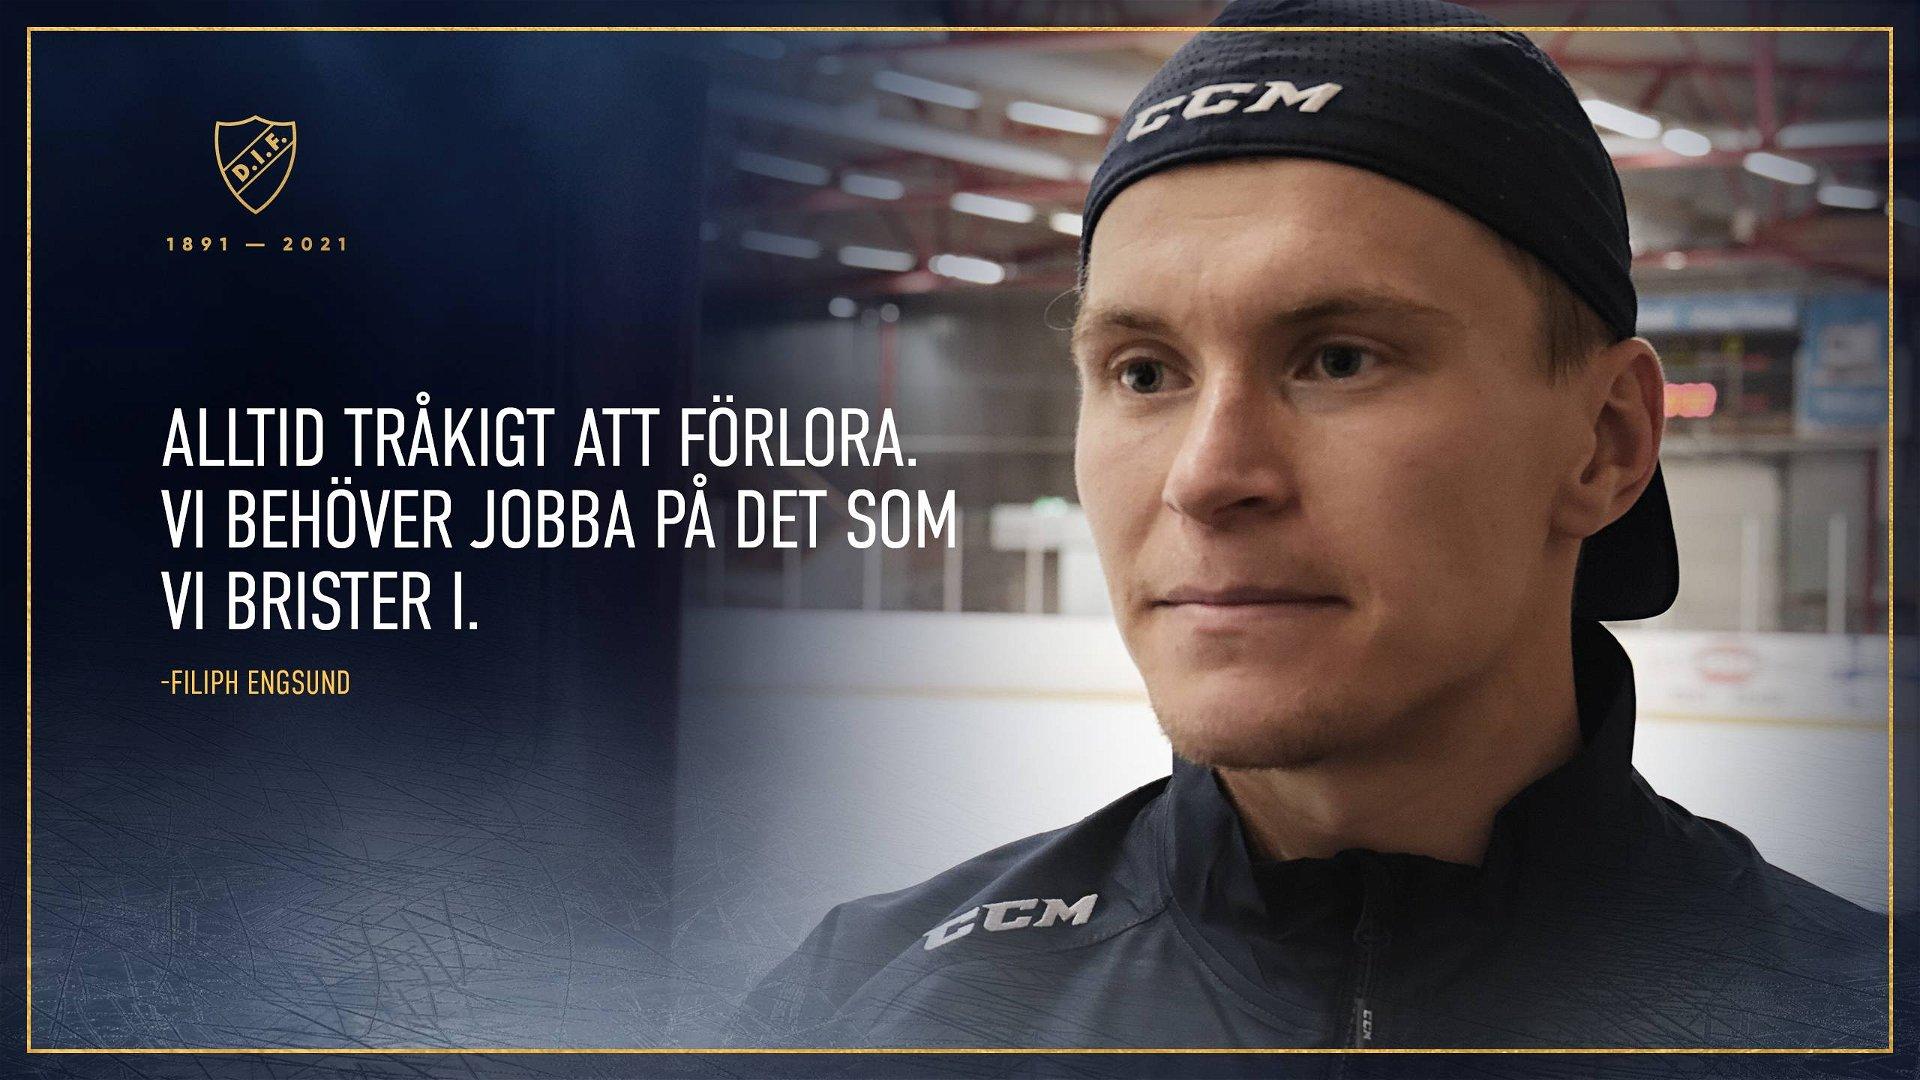 """Filiph Engsund: """"Alltid tråkigt att förlora"""""""